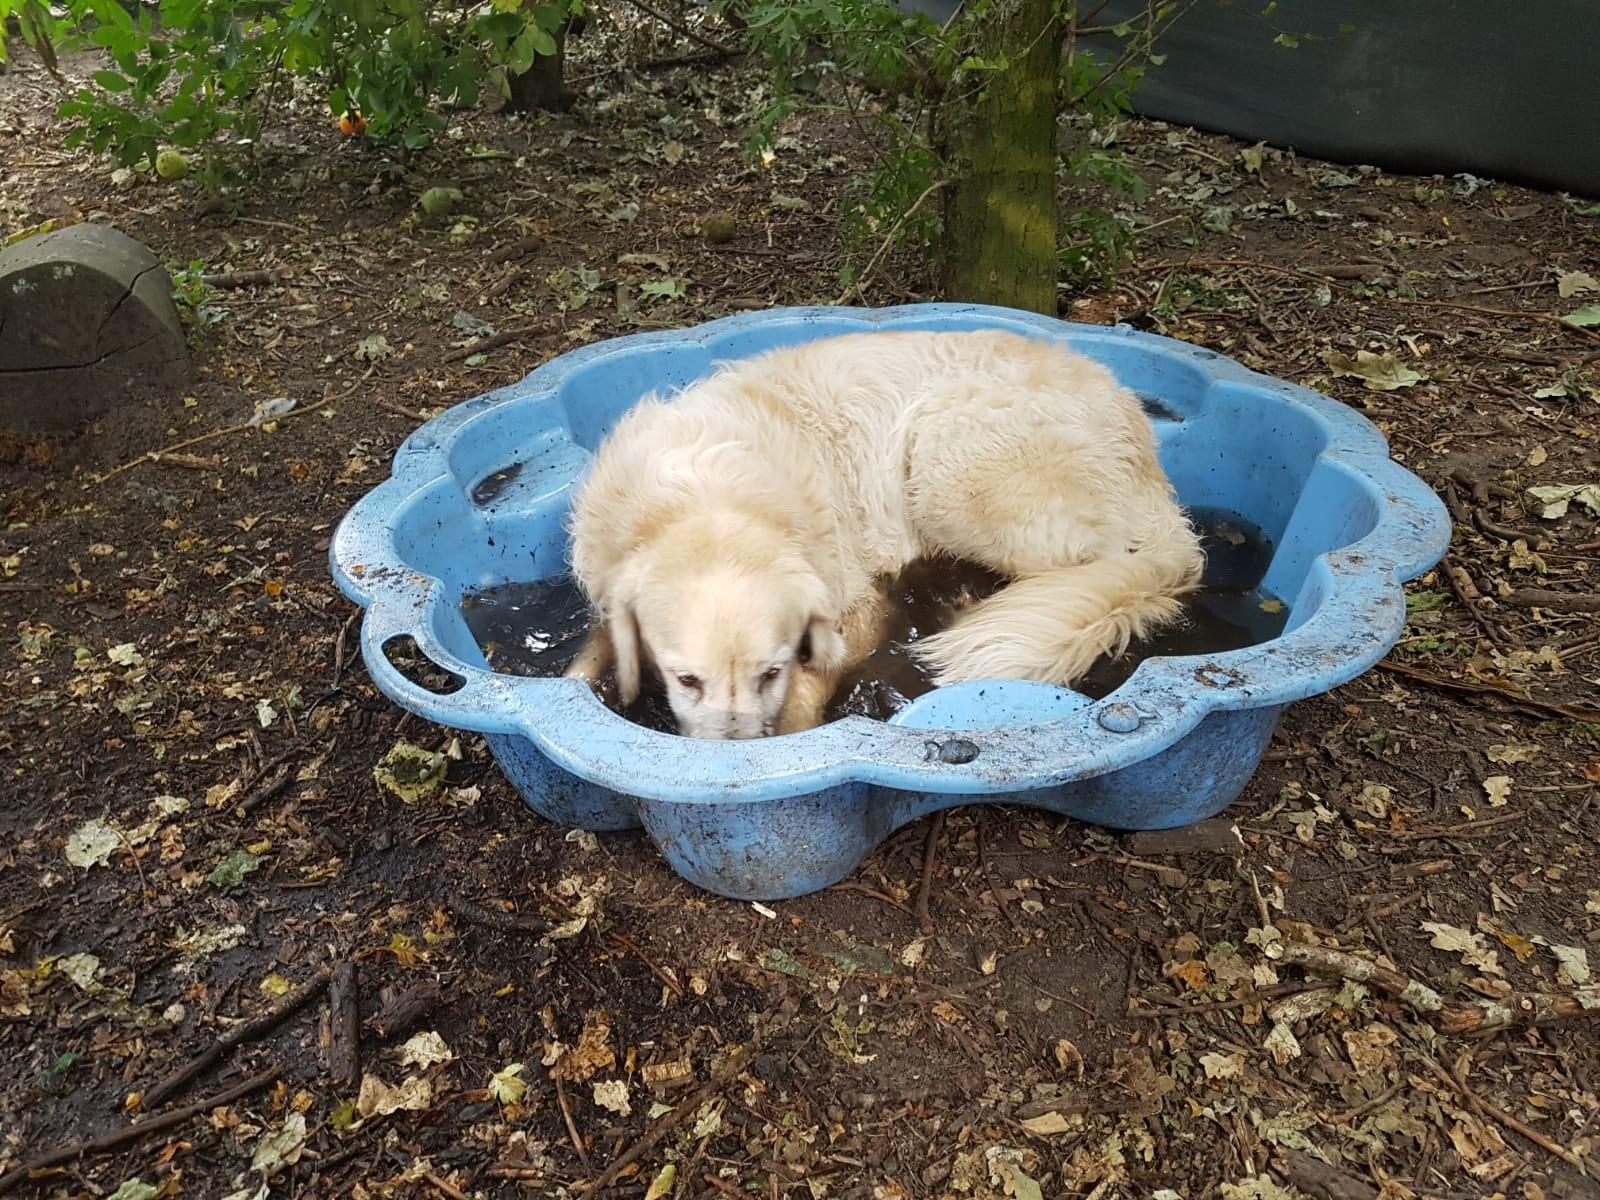 De kikkerbadjes in het hondenspeelbos zorgen voor wat broodnodige verkoeling tijdens de hitte.